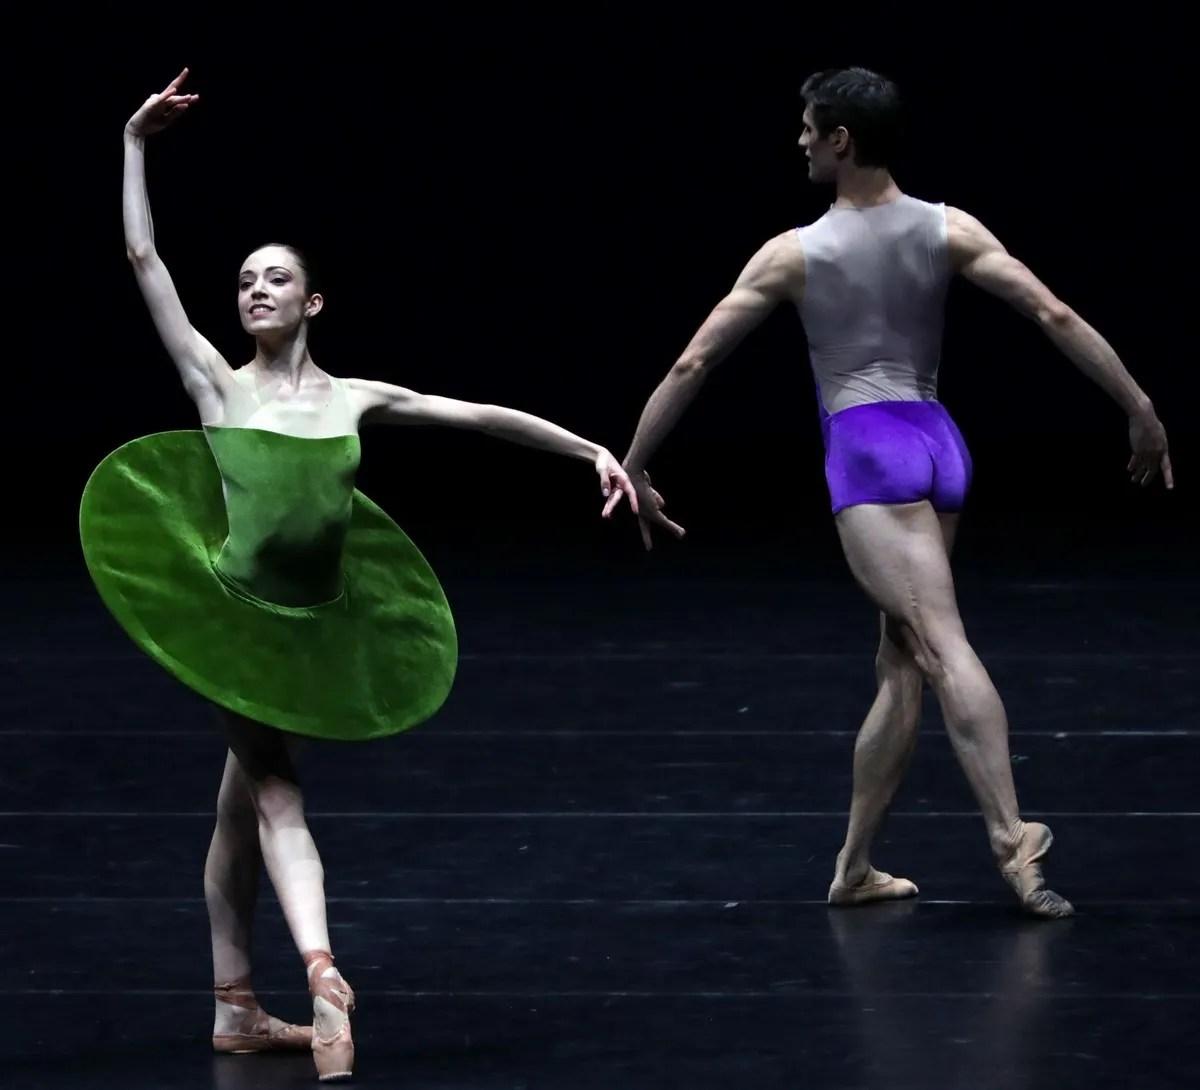 THE VERTIGINOUS... Gaia Andreanò, Nicola Del Freo, photo by Brescia e Amisano ©Teatro alla Scala